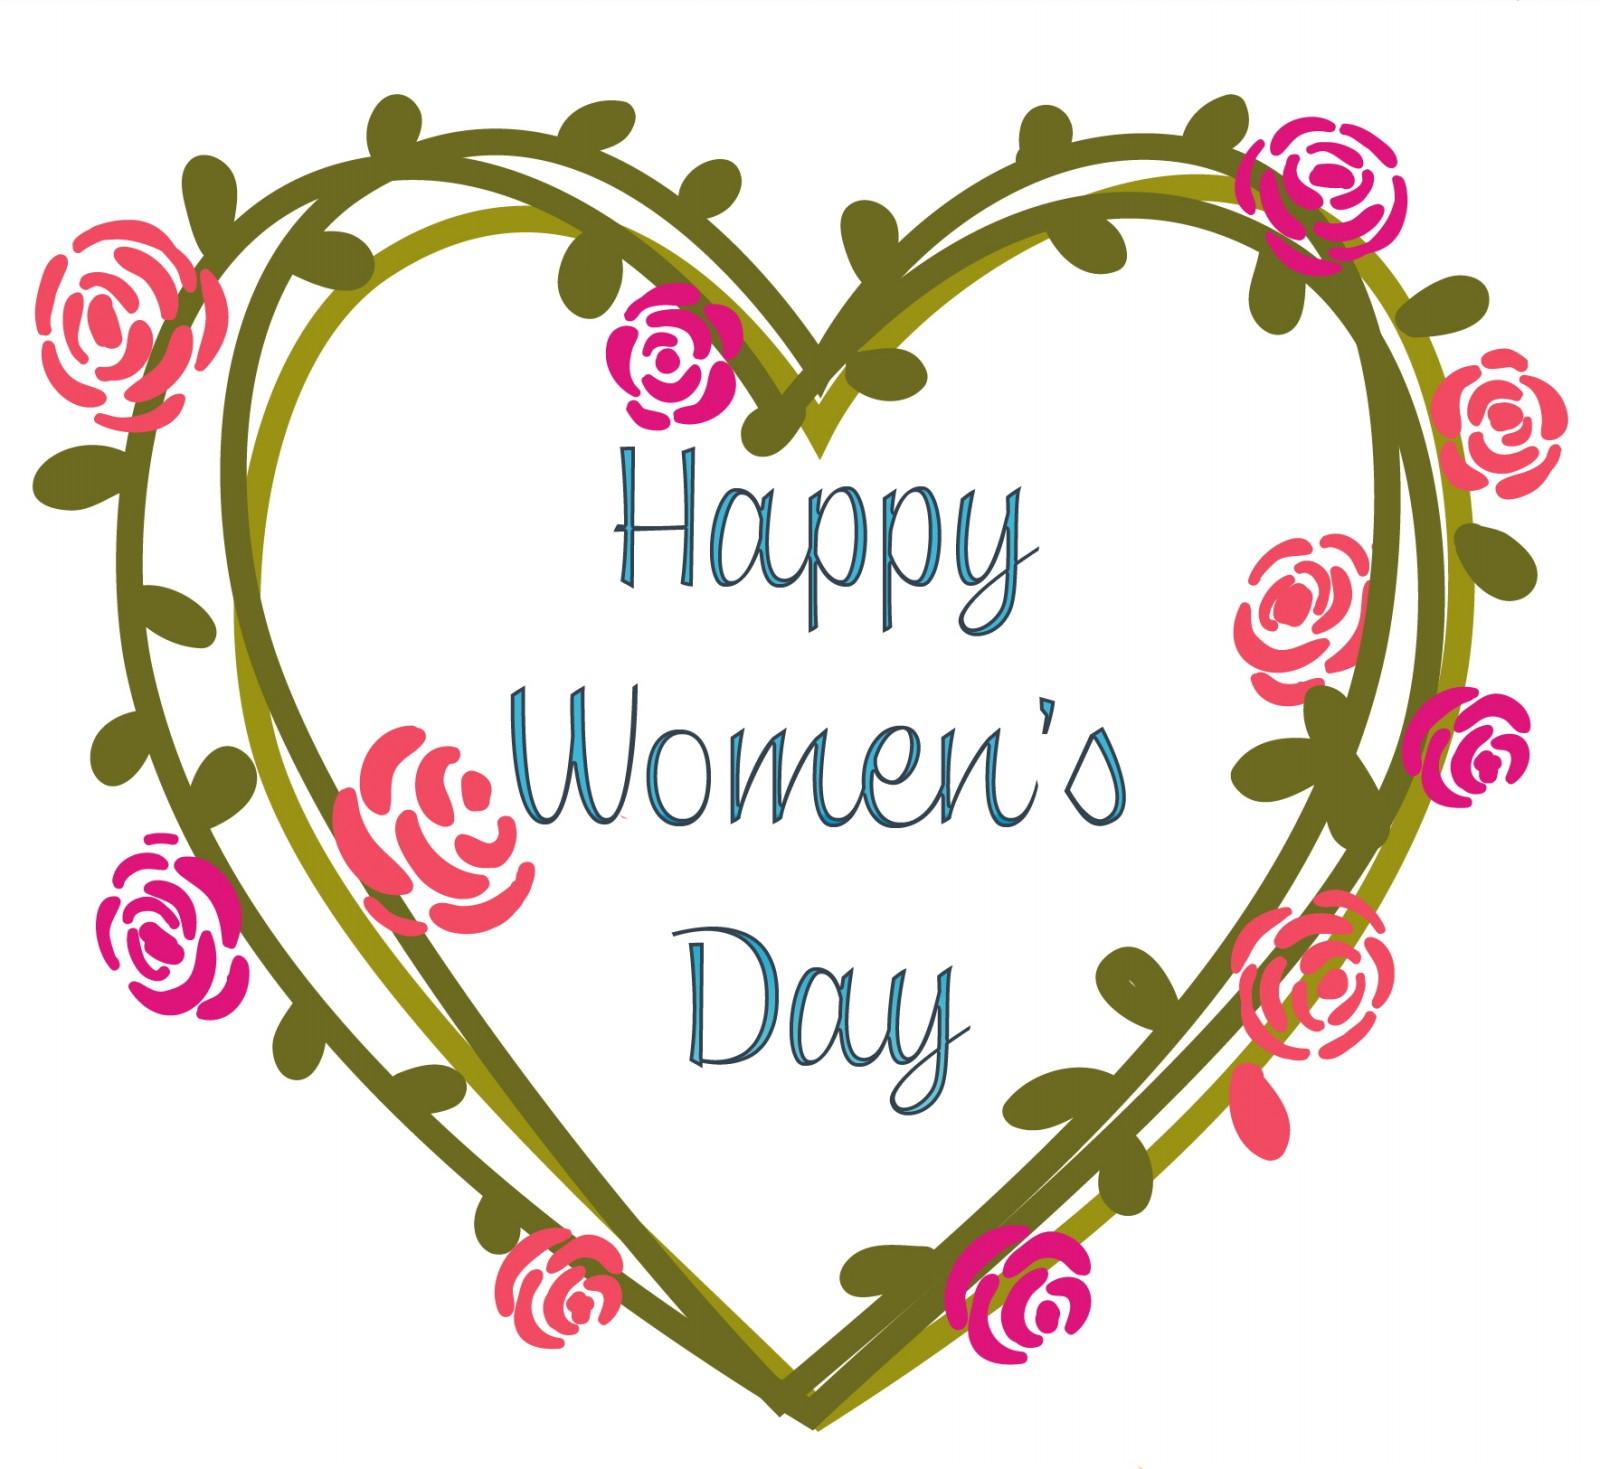 Thiệp chúc mừng ngày phụ nữ Happy Womens Day